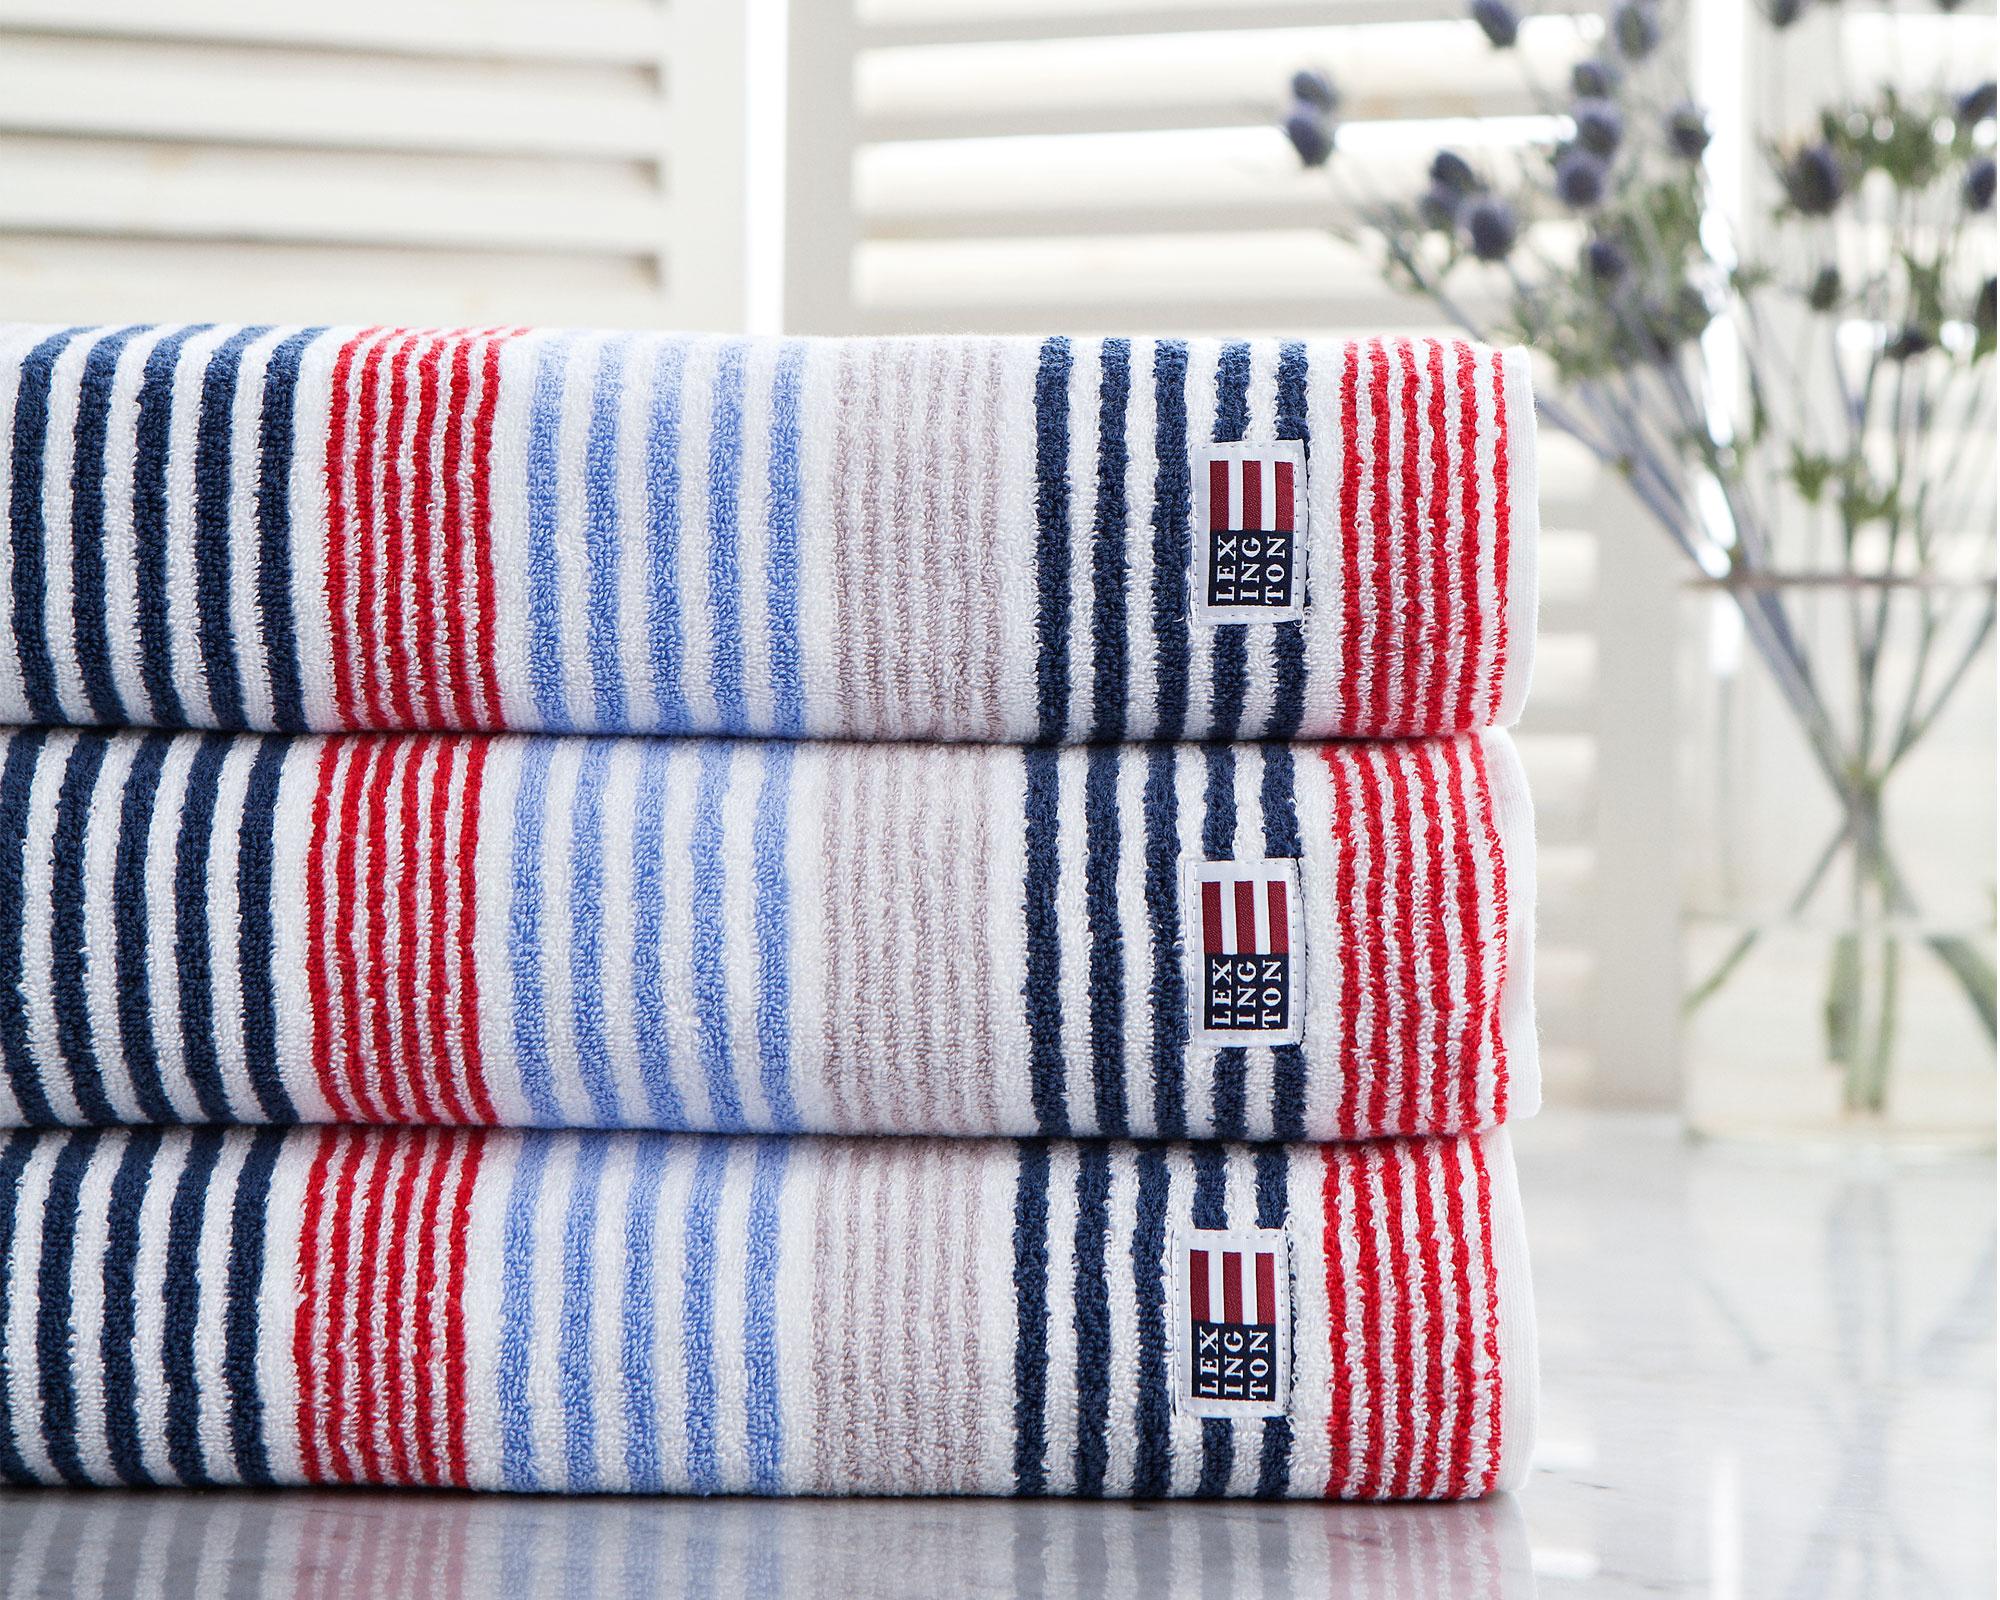 Original Striped Bath Towel Red/White/Blue